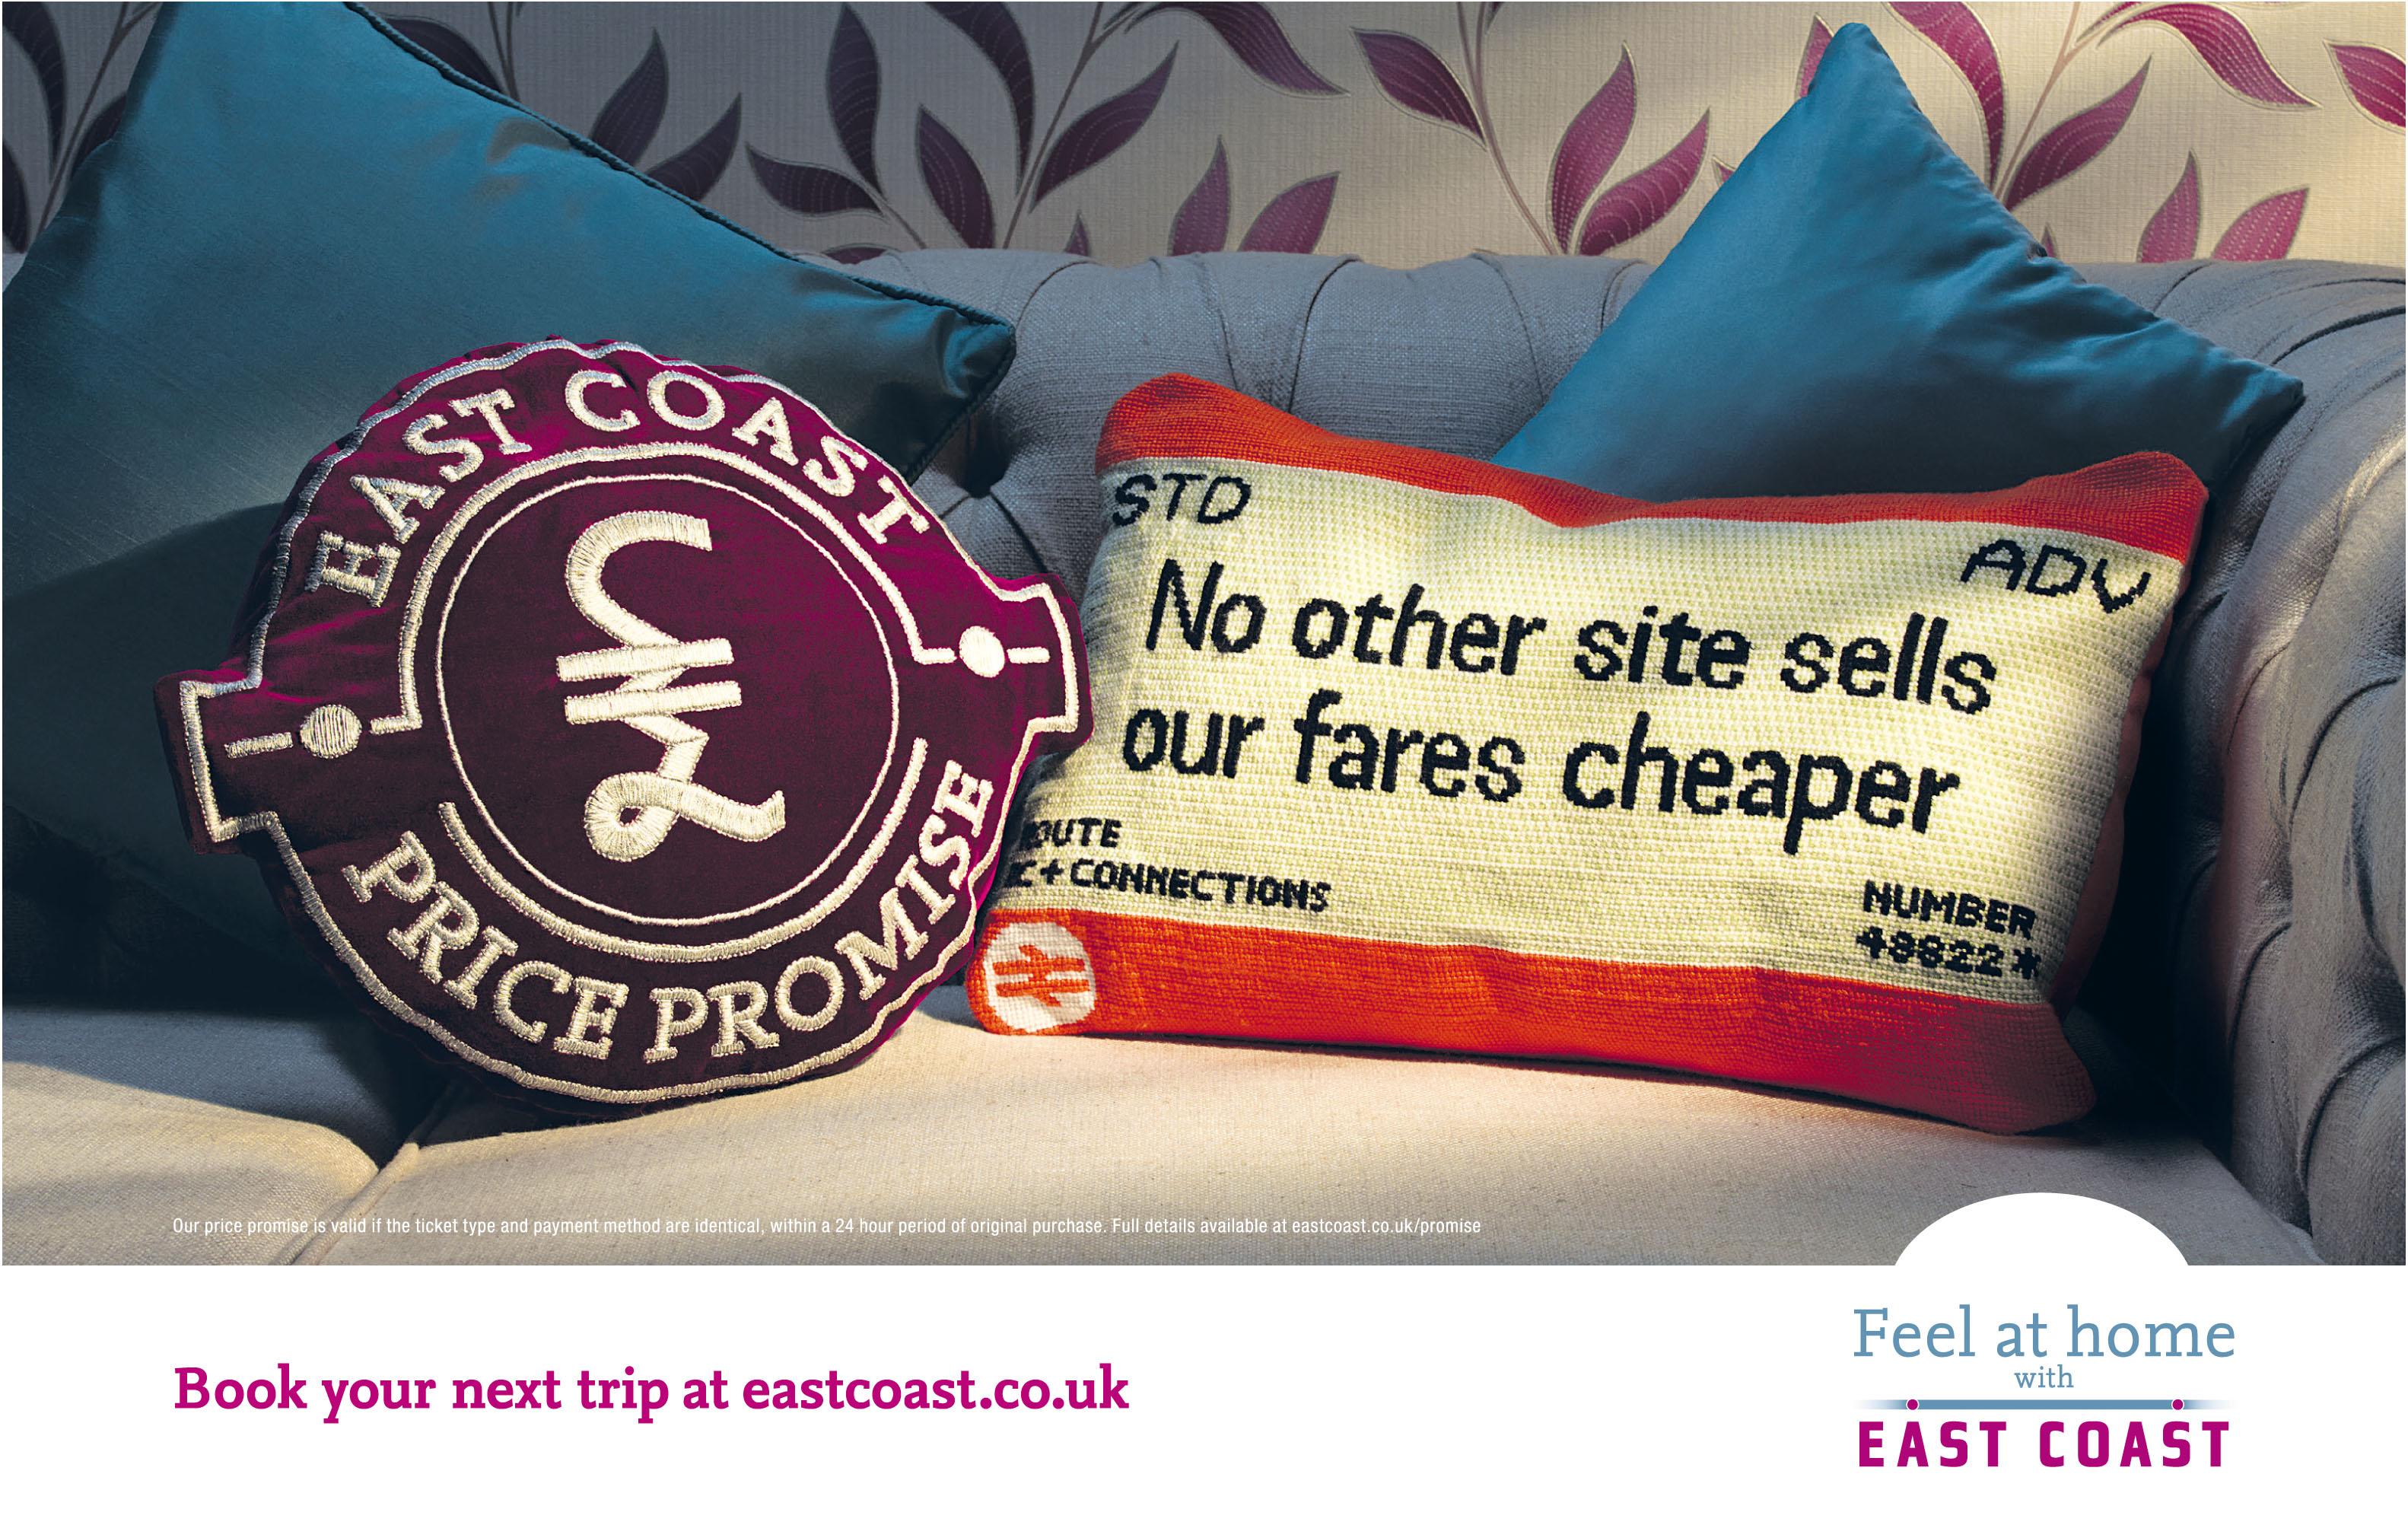 East Coast cheaper